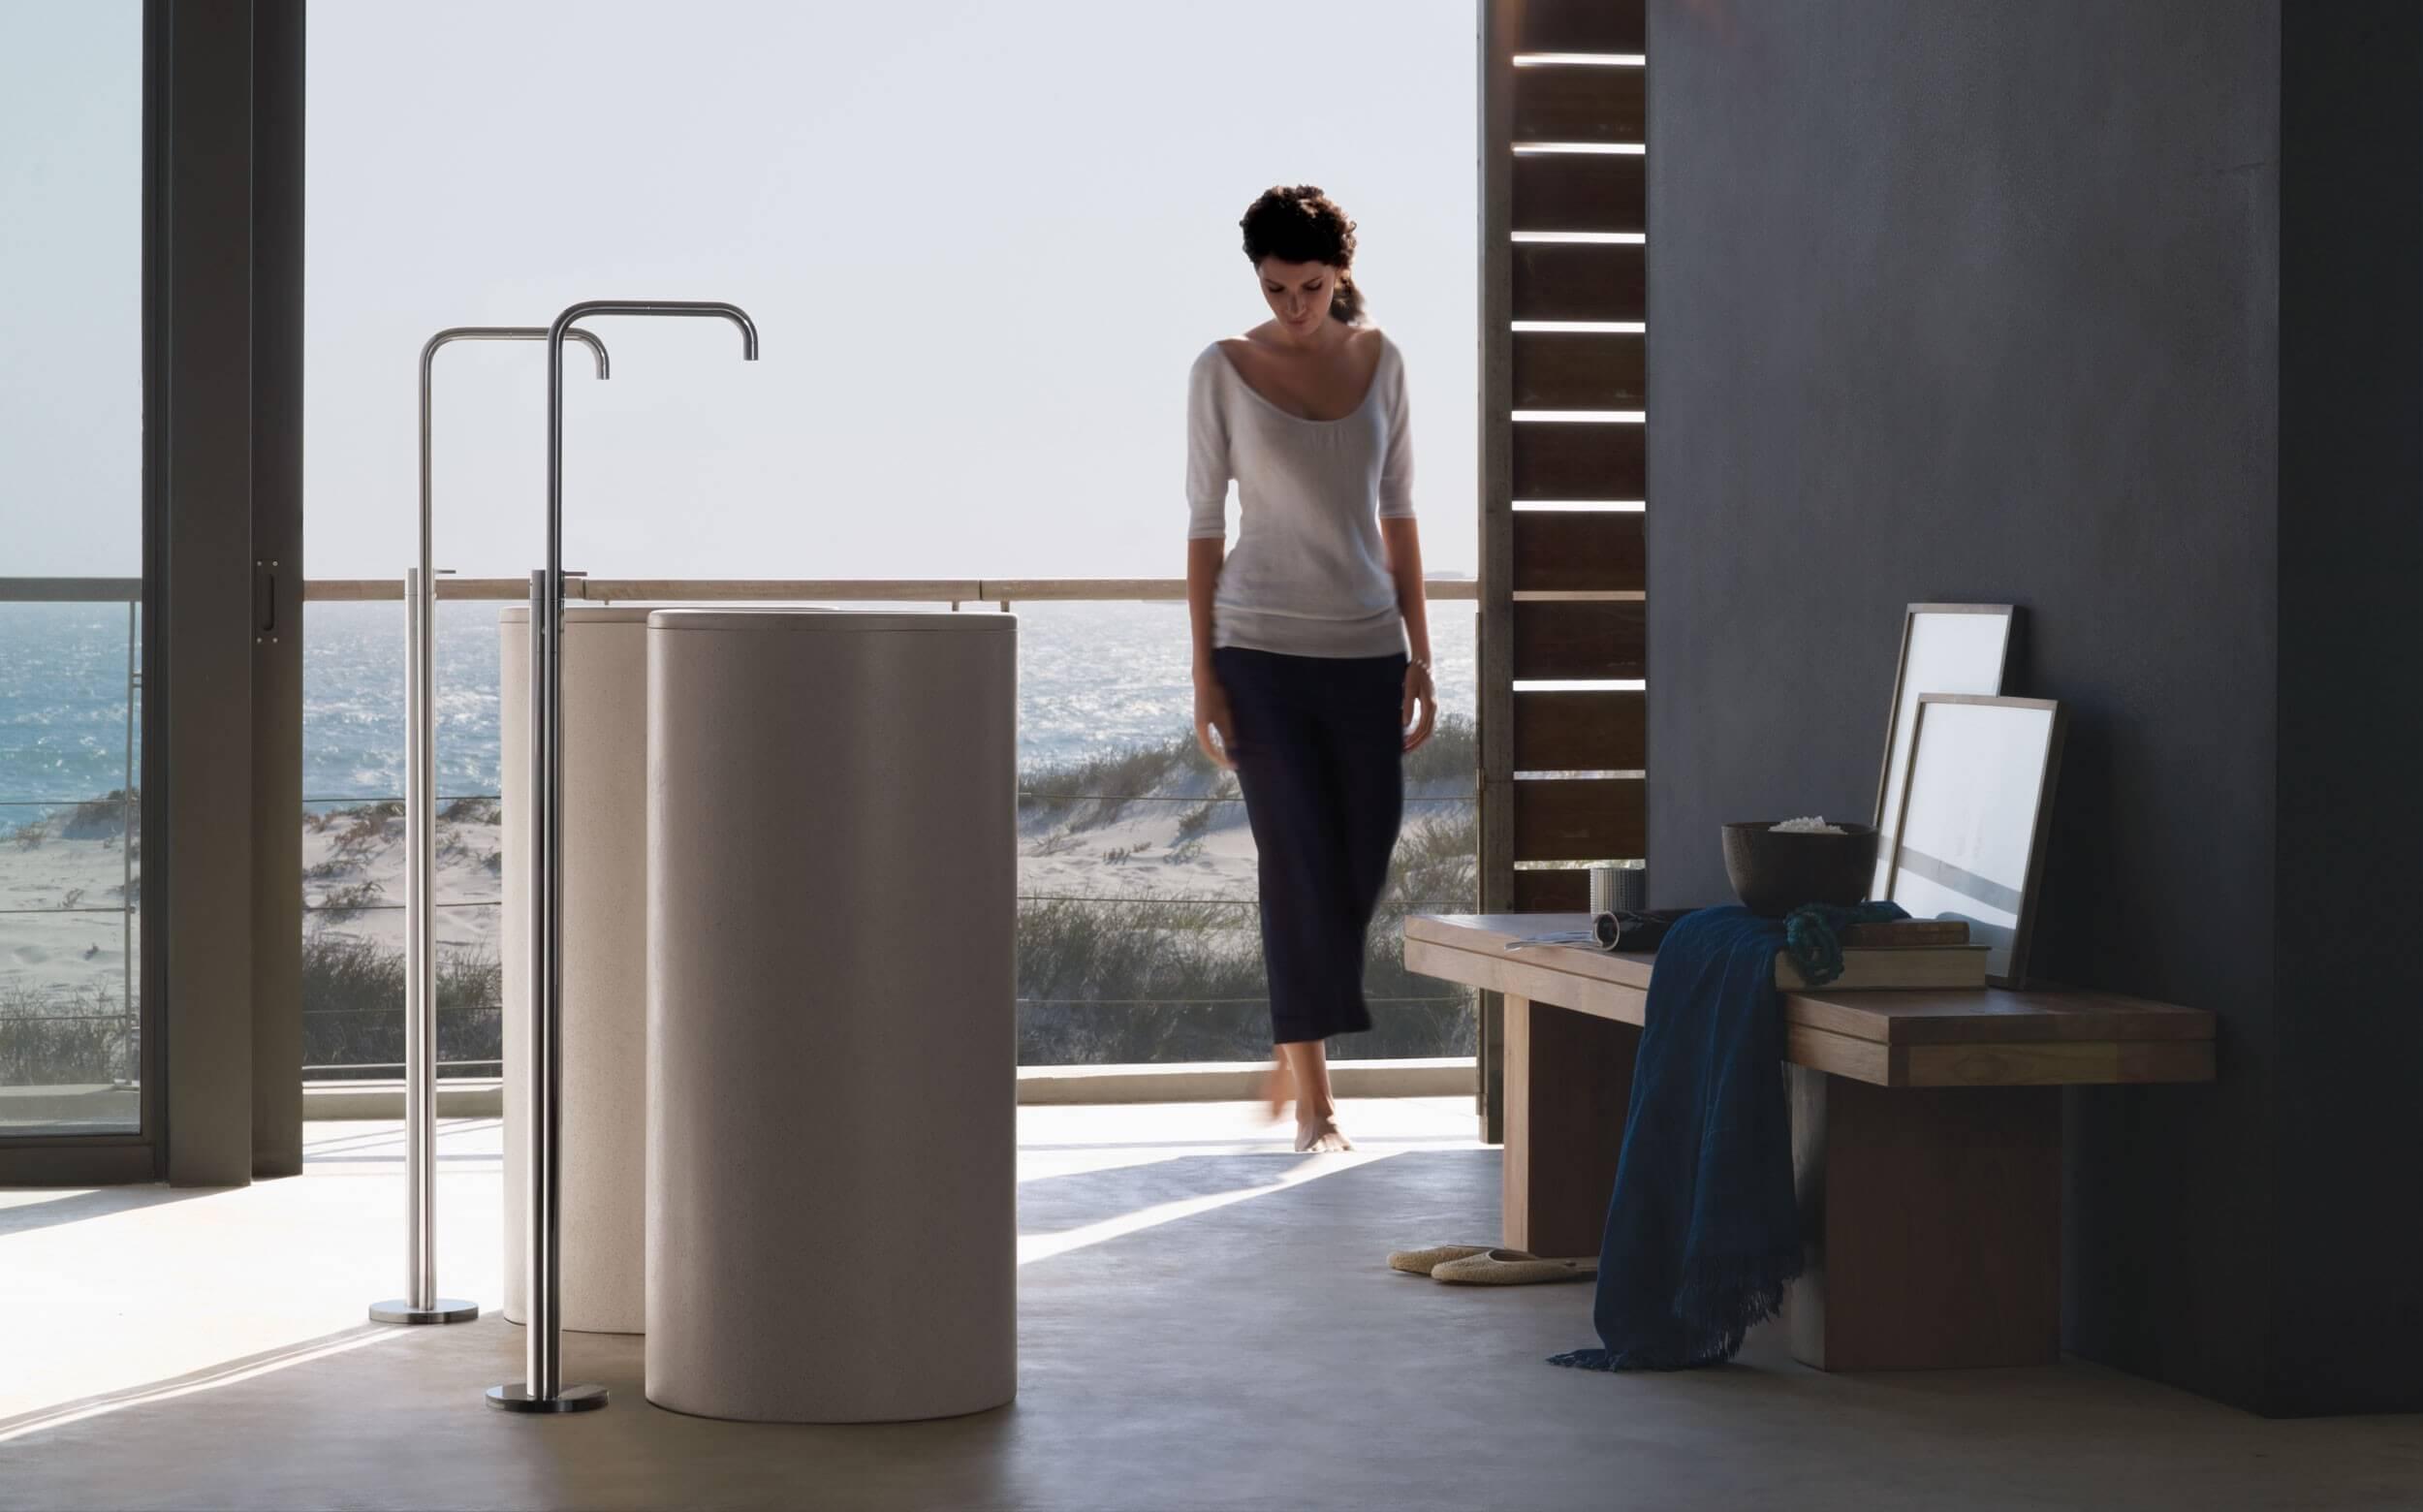 Arne Jacobsen, armaturen, armatur, wasserhahn, badezimmereinrichtung, design, Zubehör, Hochwertige Duschen VOLA.